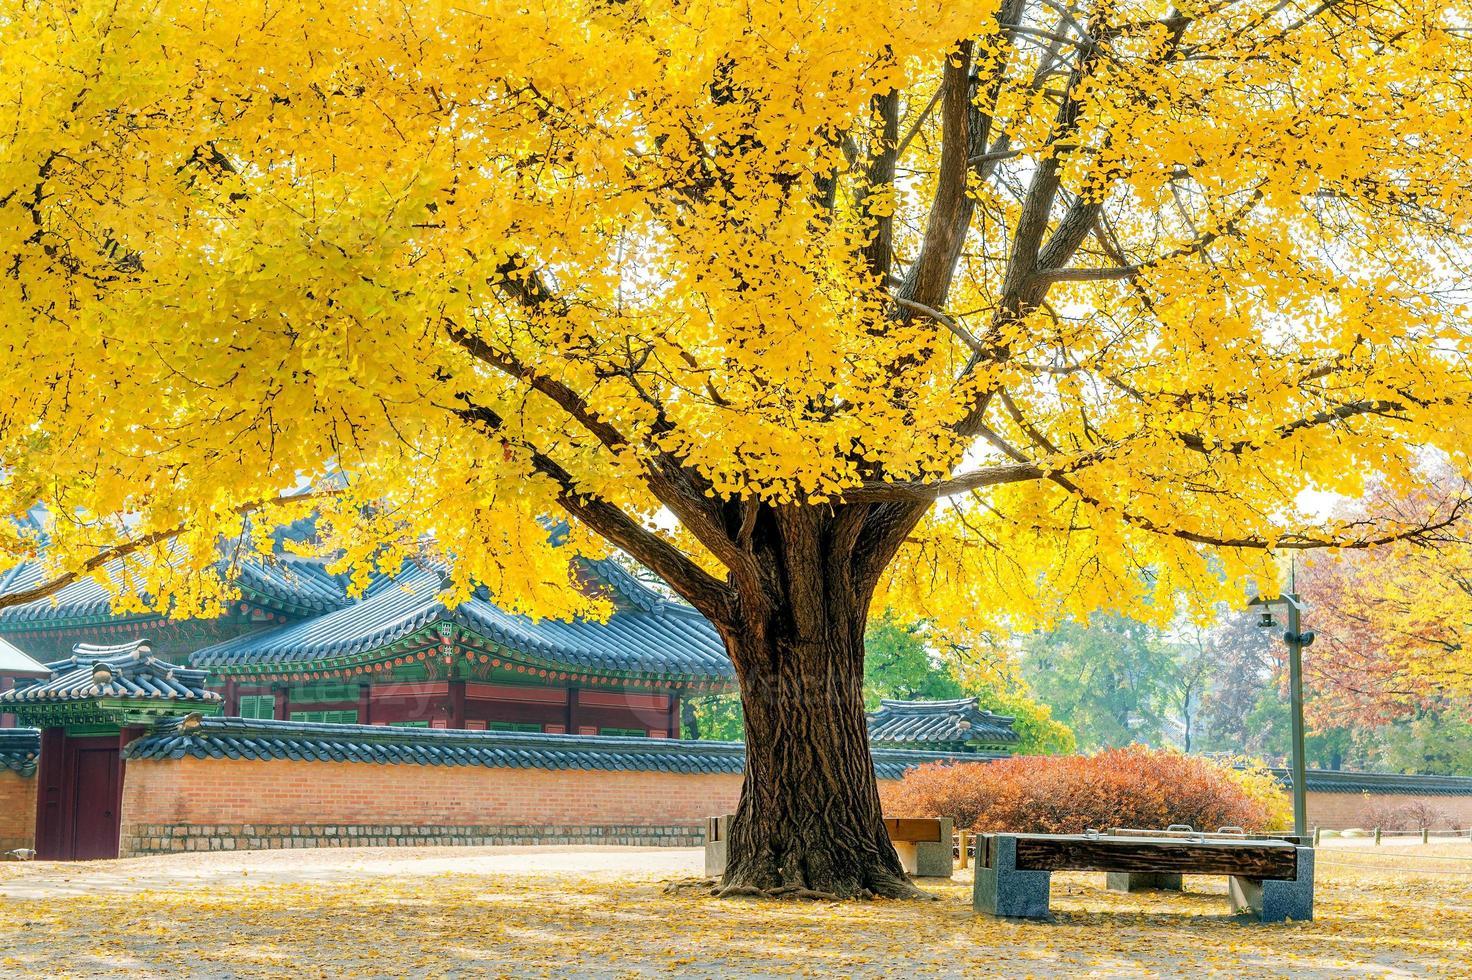 outono no palácio gyeongbukgung, coréia. foto